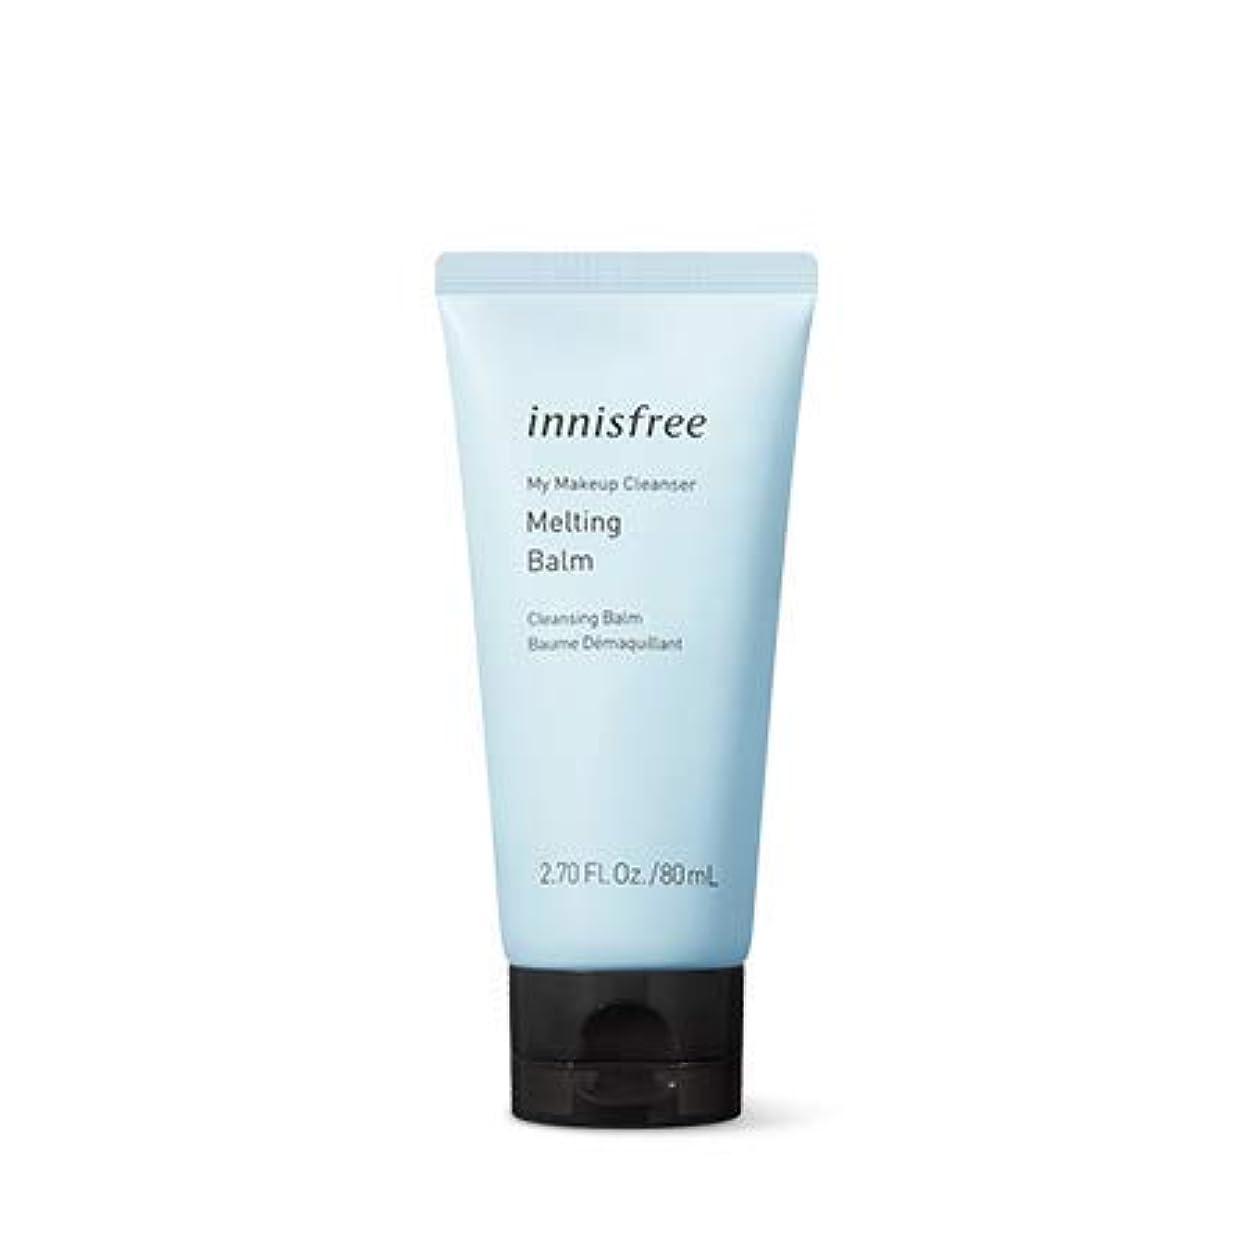 虚偽防水前兆【innisfree】マイメイクアップクレンザーメルティングBALM 80mL My Makeup Cleanser - Melting Balm